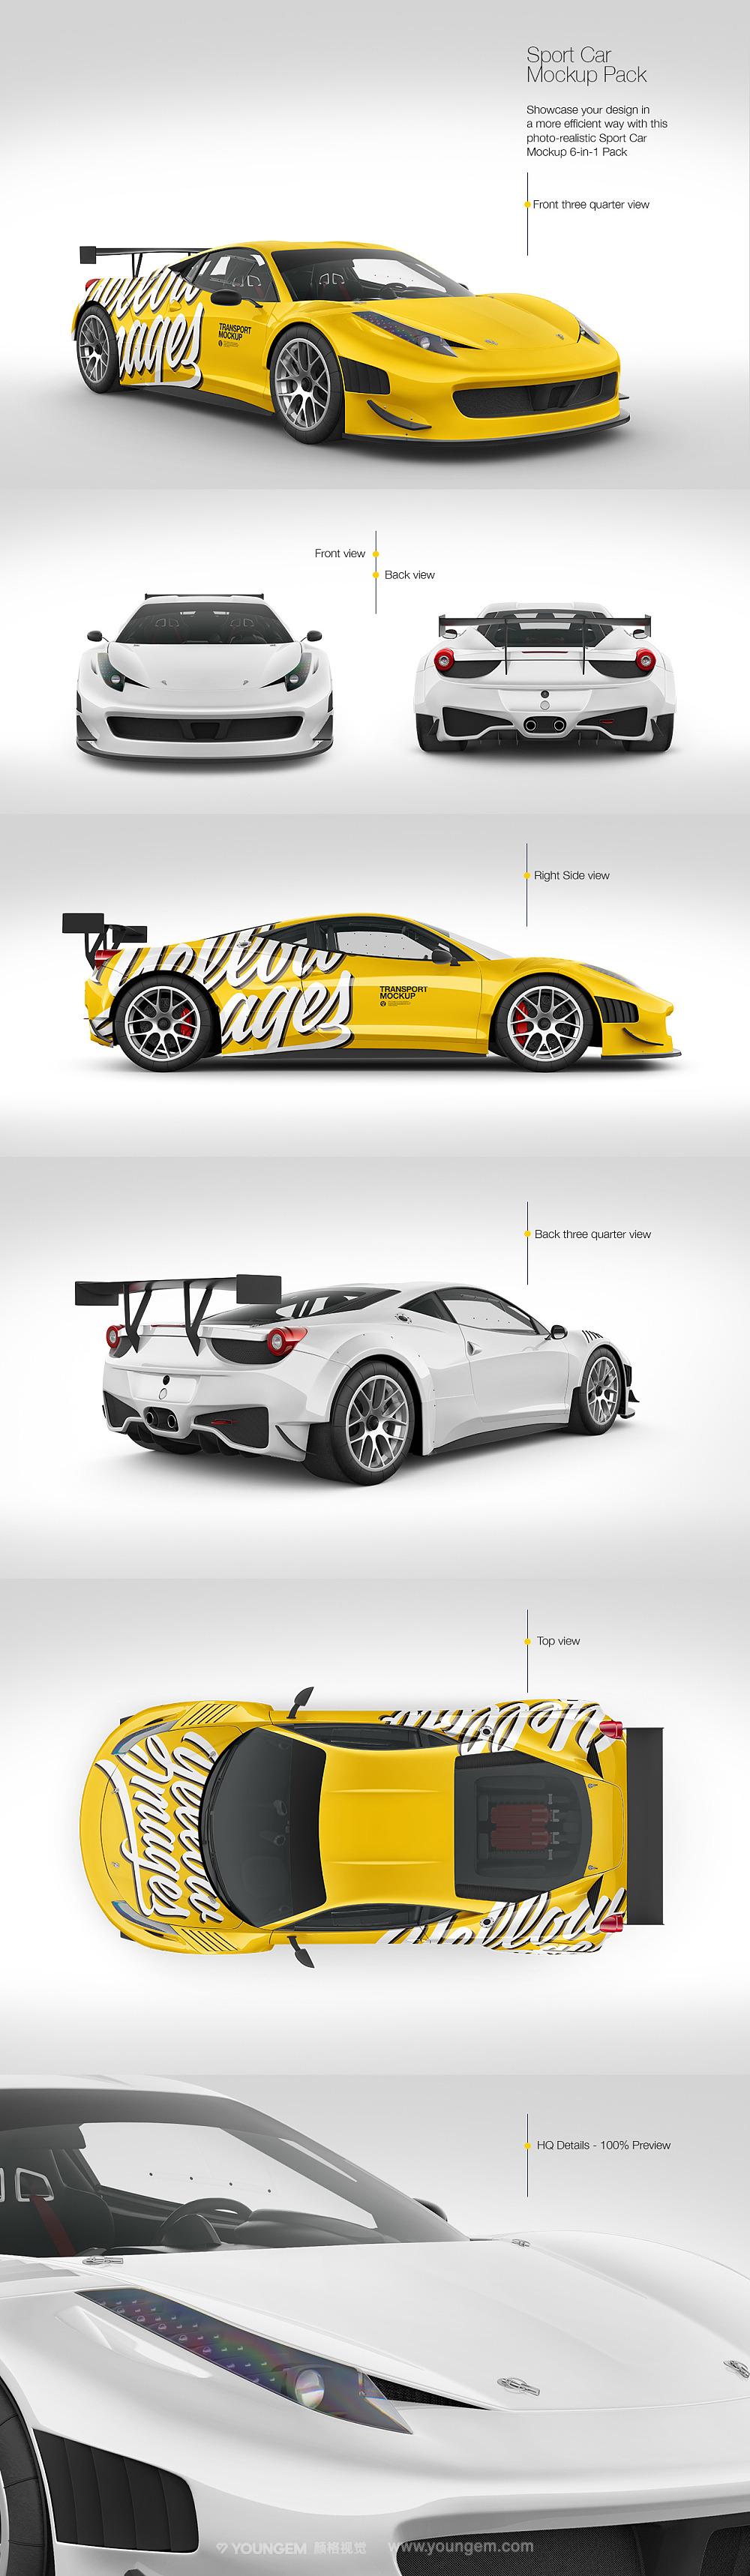 法拉利豪华超跑车贴膜改色设计ps贴图样机素材mockup源文件模板图片